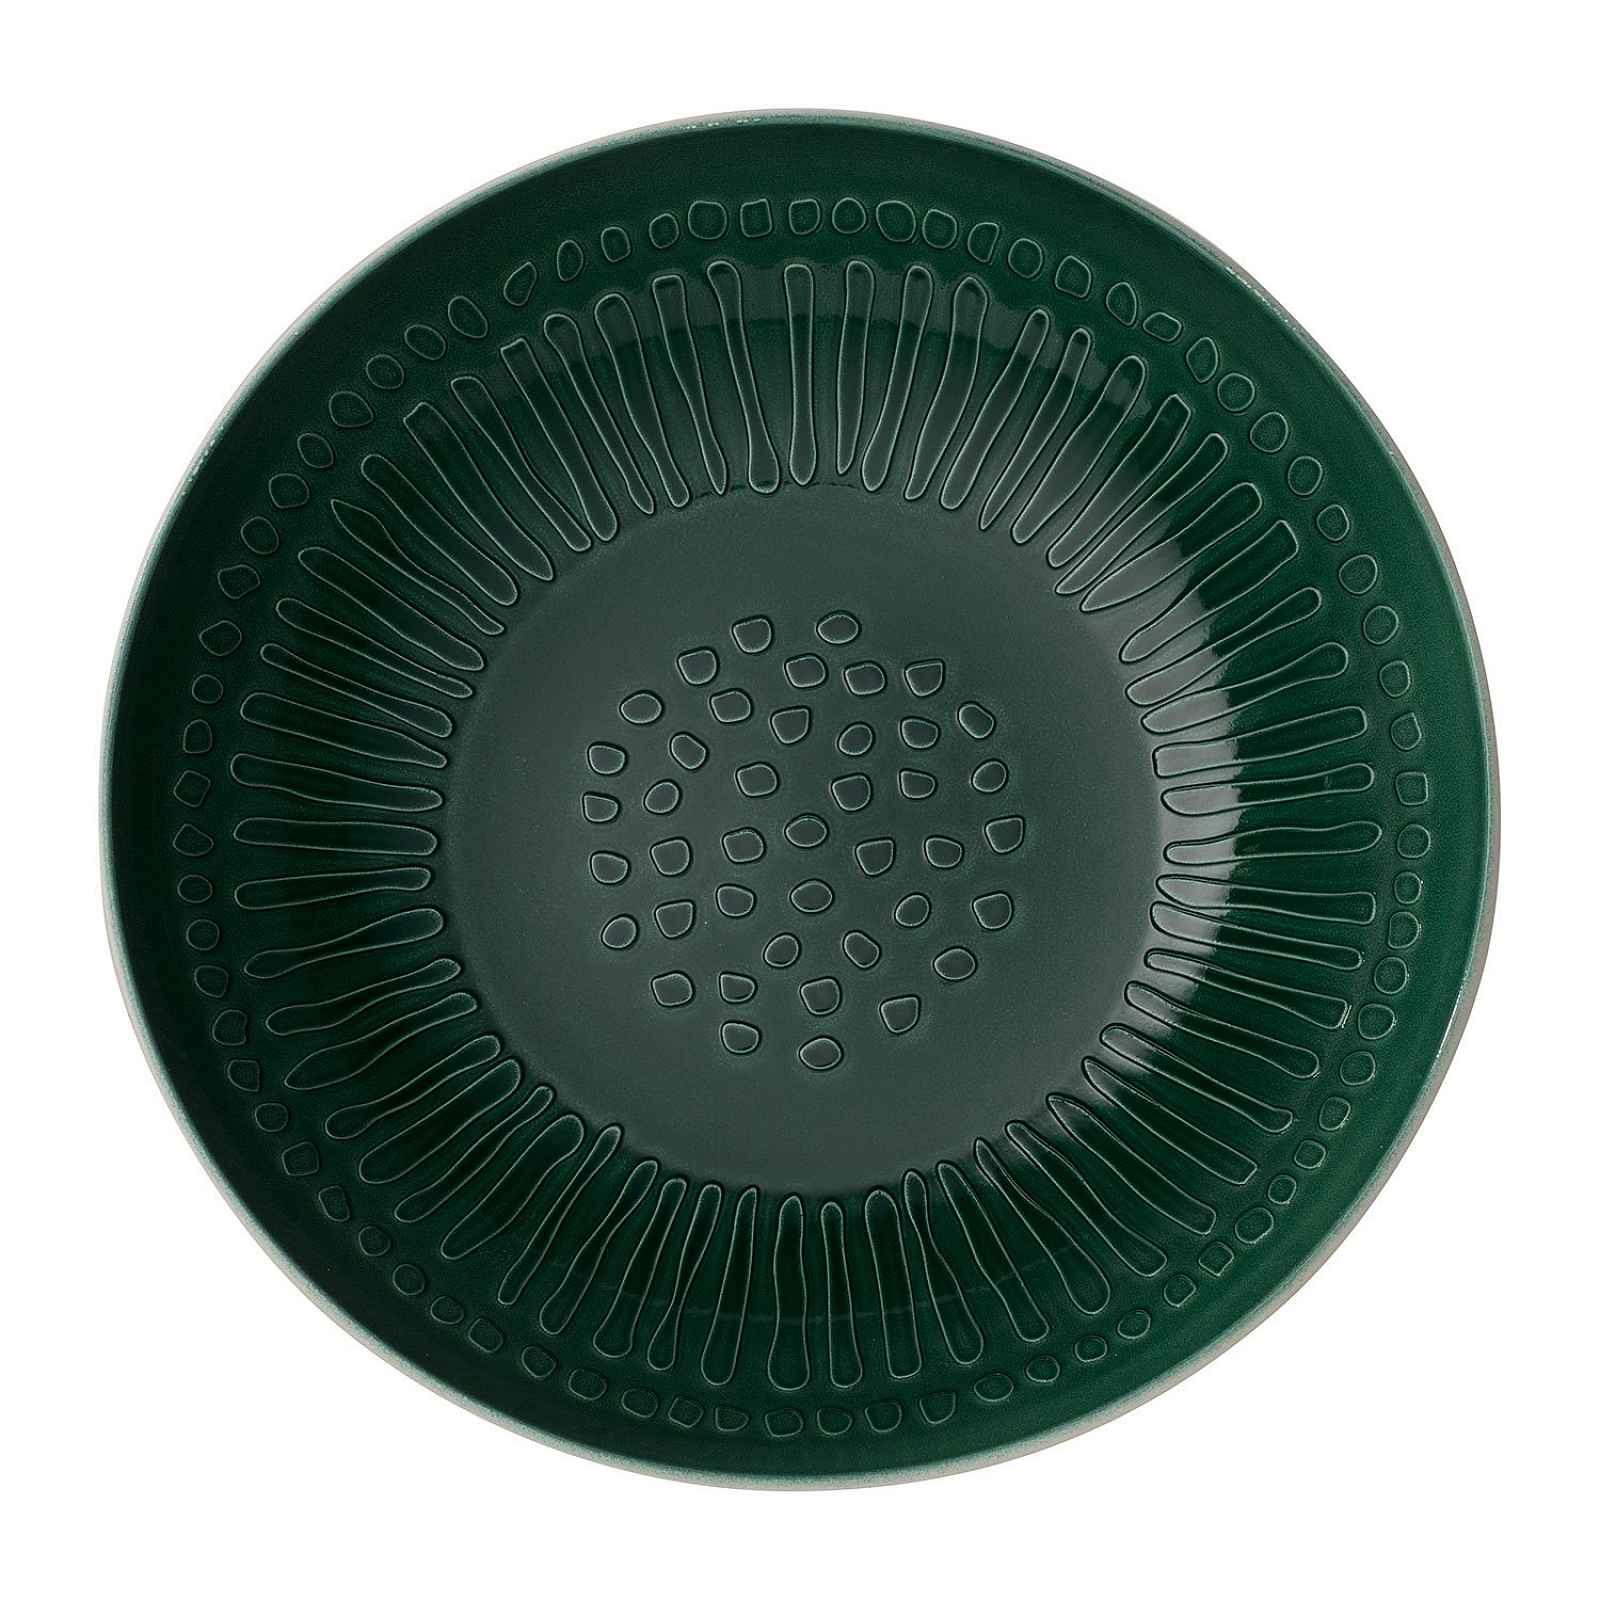 Bílo-zelená porcelánová servírovací miska Villeroy & Boch Blossom, ⌀ 26 cm